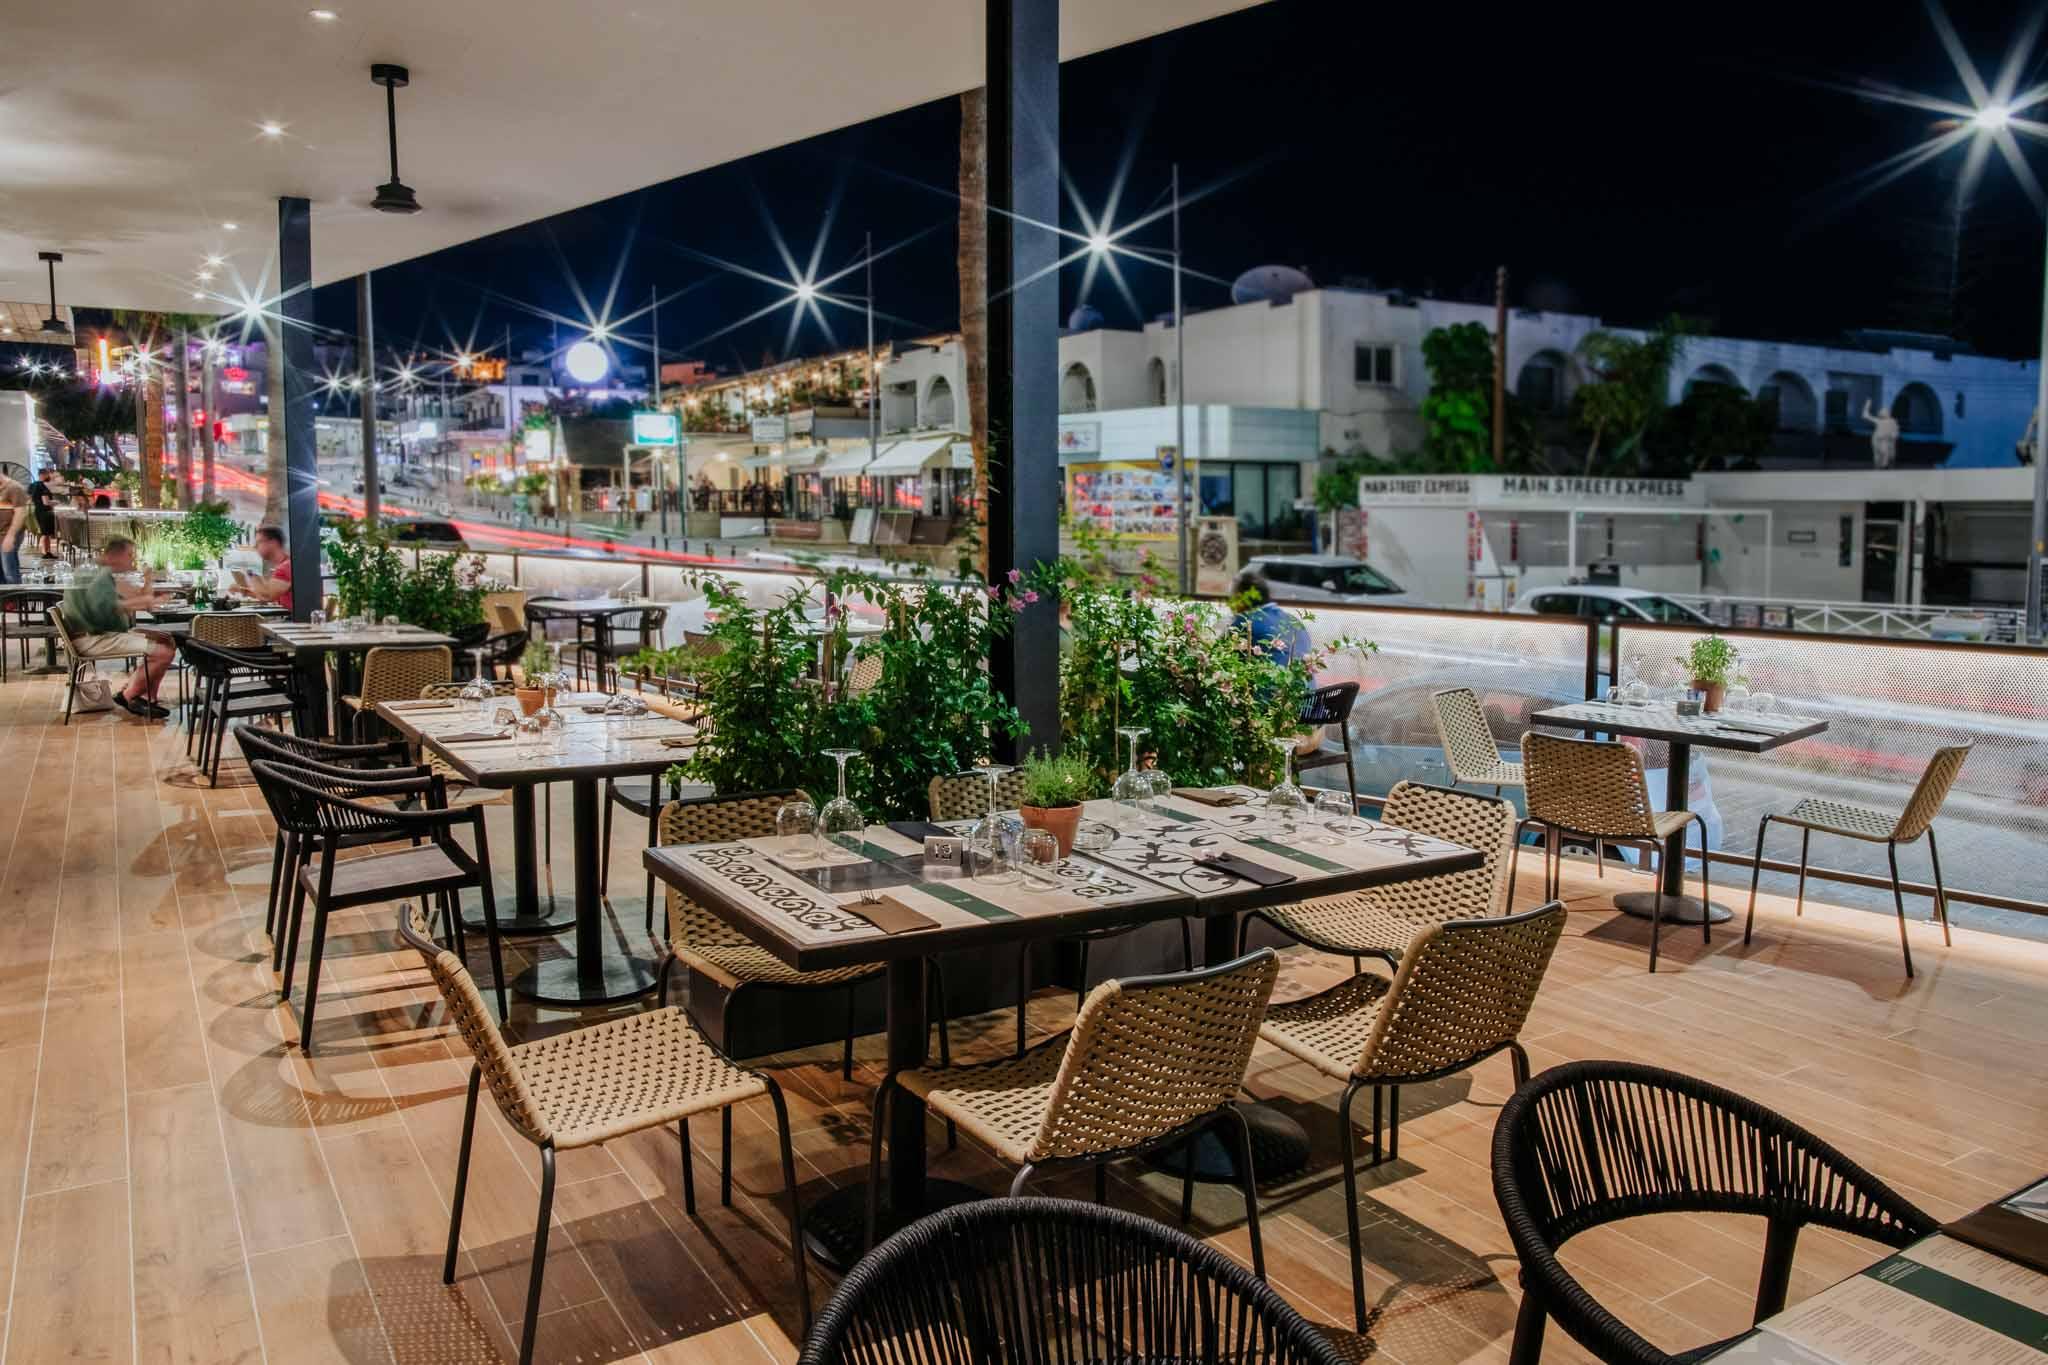 Napa-Plaza-restaurants-527